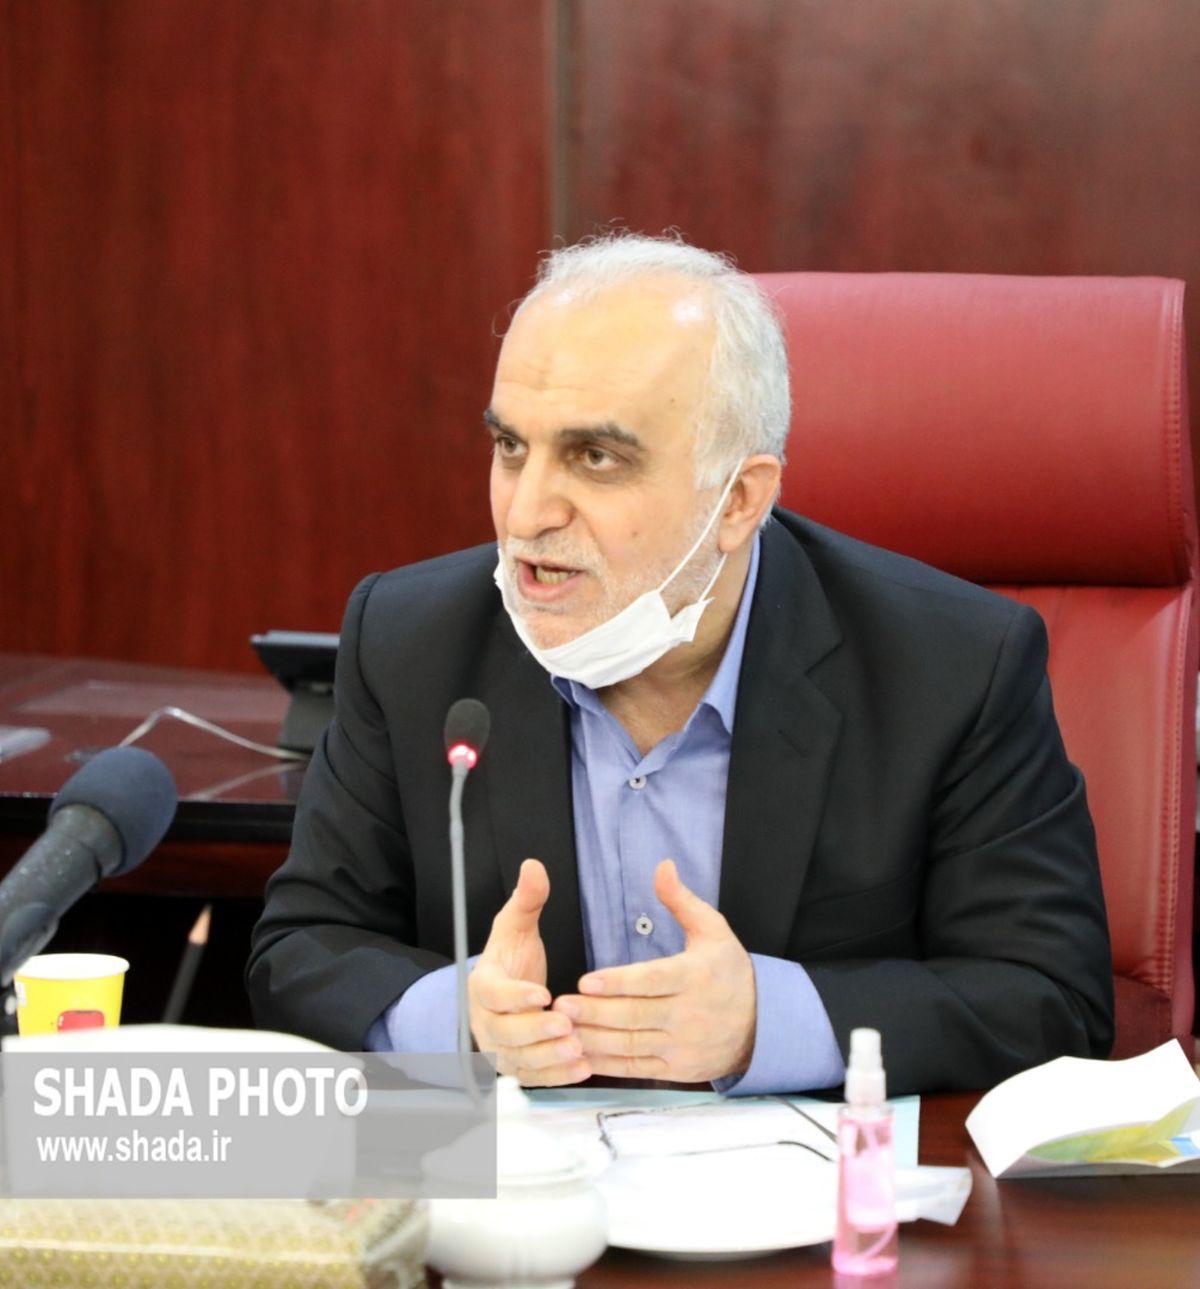 پیشنهاد وزارت اقتصاد برای جلوگیری از کسری احتمالی بودجه